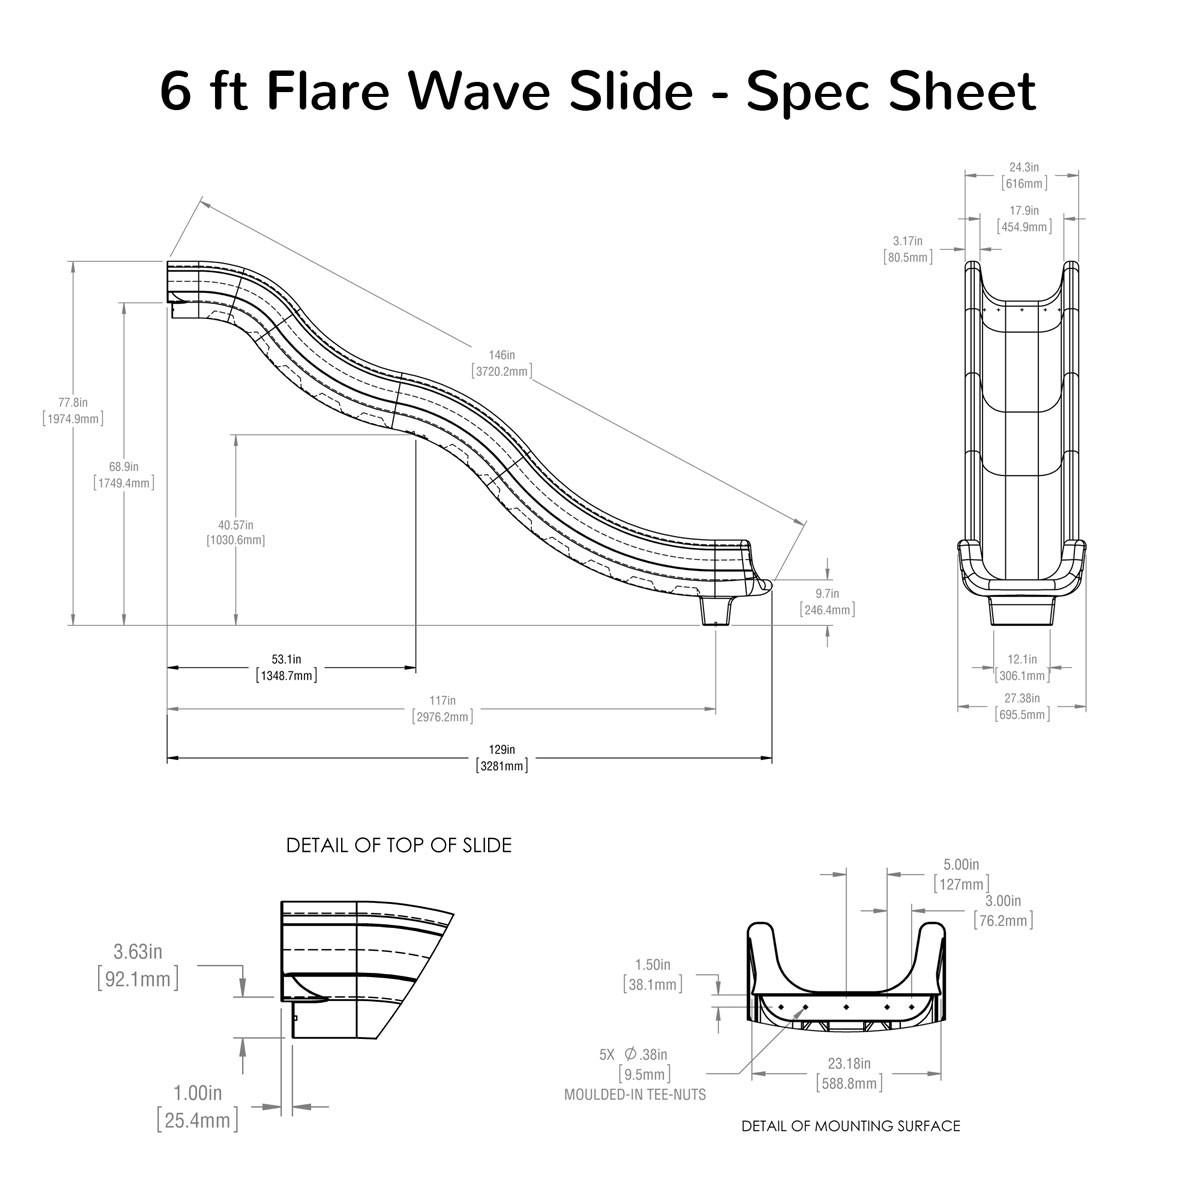 6 ft Flare Wave Slide Spec Sheet